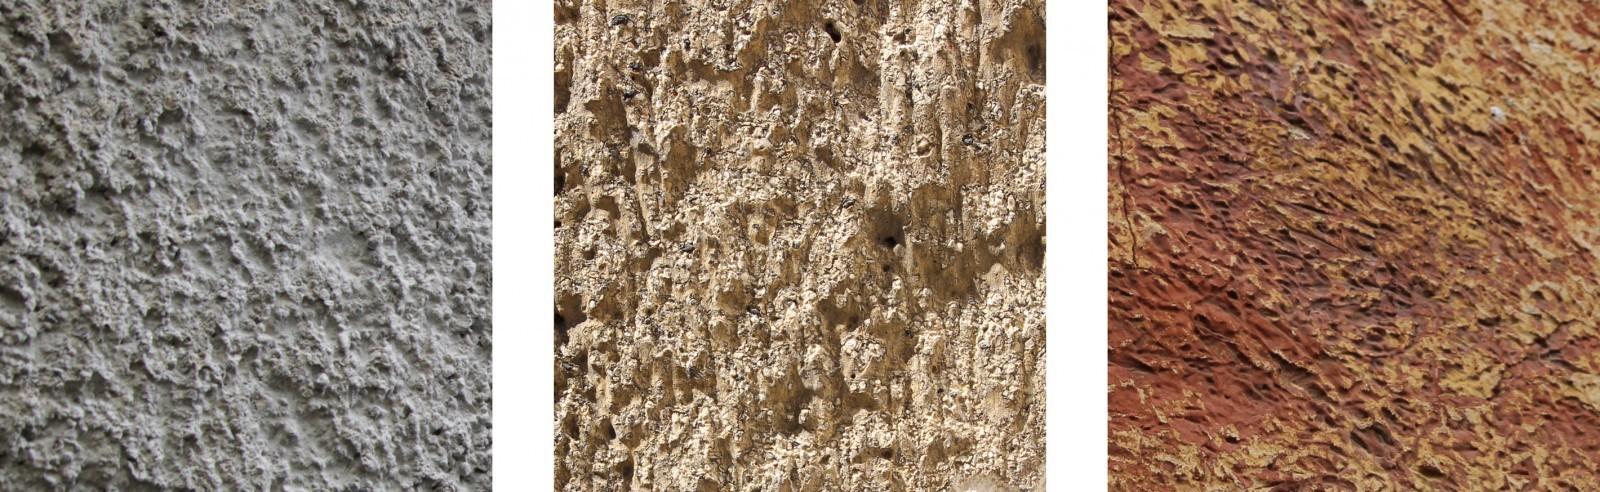 Crépis apparents sur les façades du Moulin des Clayes à Saint-Rémy-lès-Chevreuses (78), du 22 rue Geoffroy Lasnier à Paris (75), d'une maison à Théméricourt (95). Le premier est un crépi fait avec des grains solides, le troisième est fouetté au balai. La richesse des textures et des couleurs, leur altération par les peintures ou l'érosion rend chaque façade unique. © Tiffanie Le Dantec.